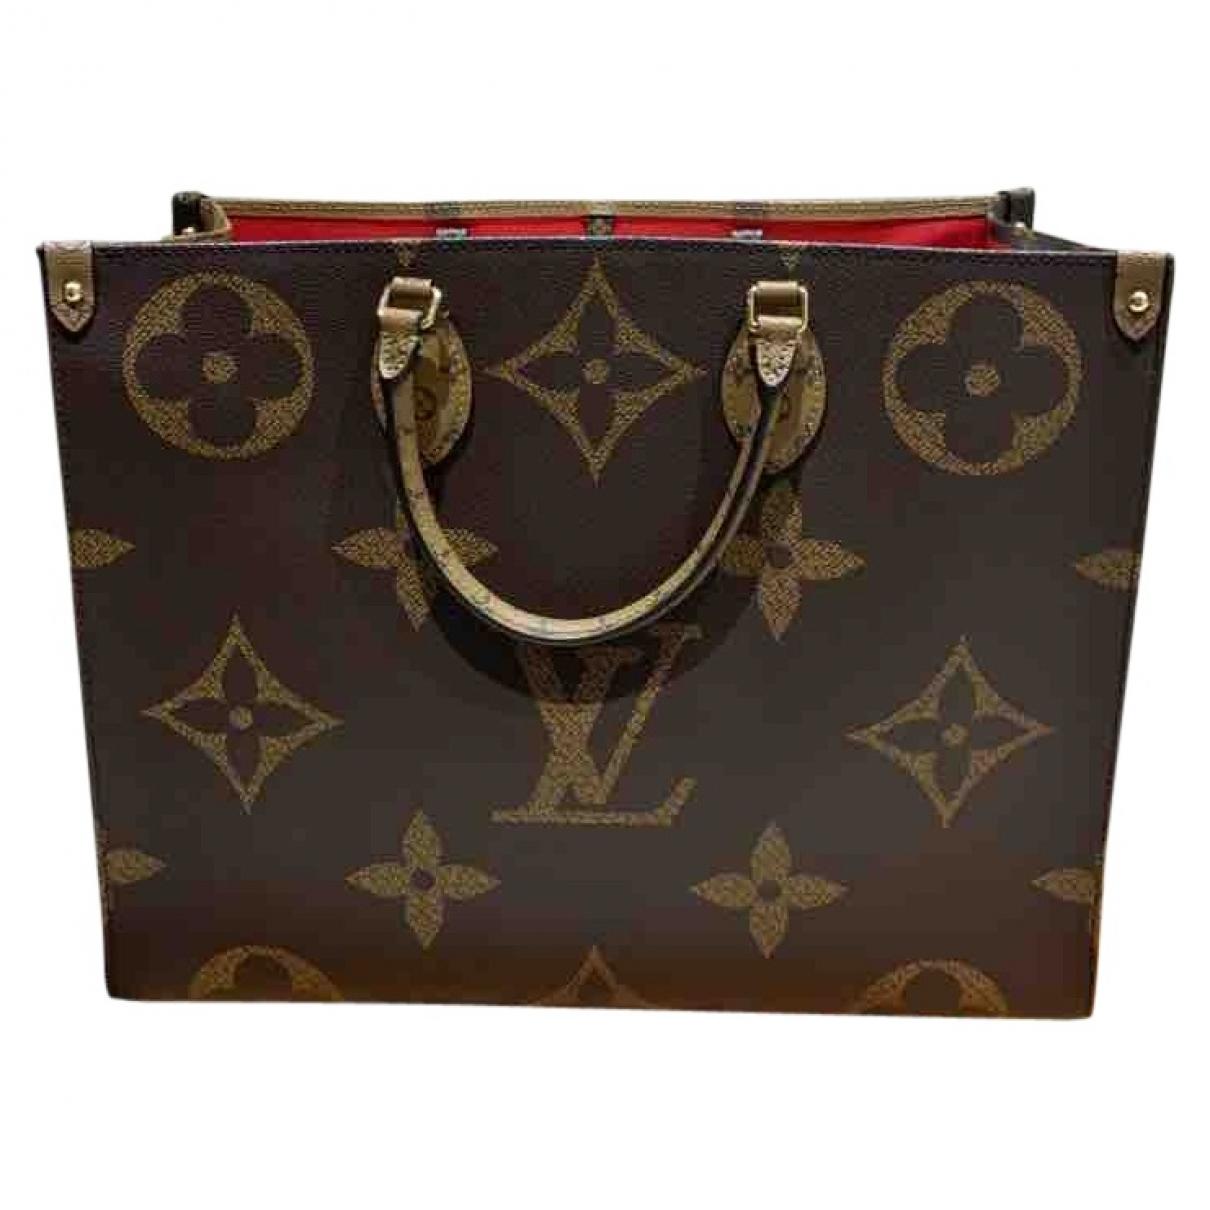 Louis Vuitton Onthego Handtasche in  Braun Leinen